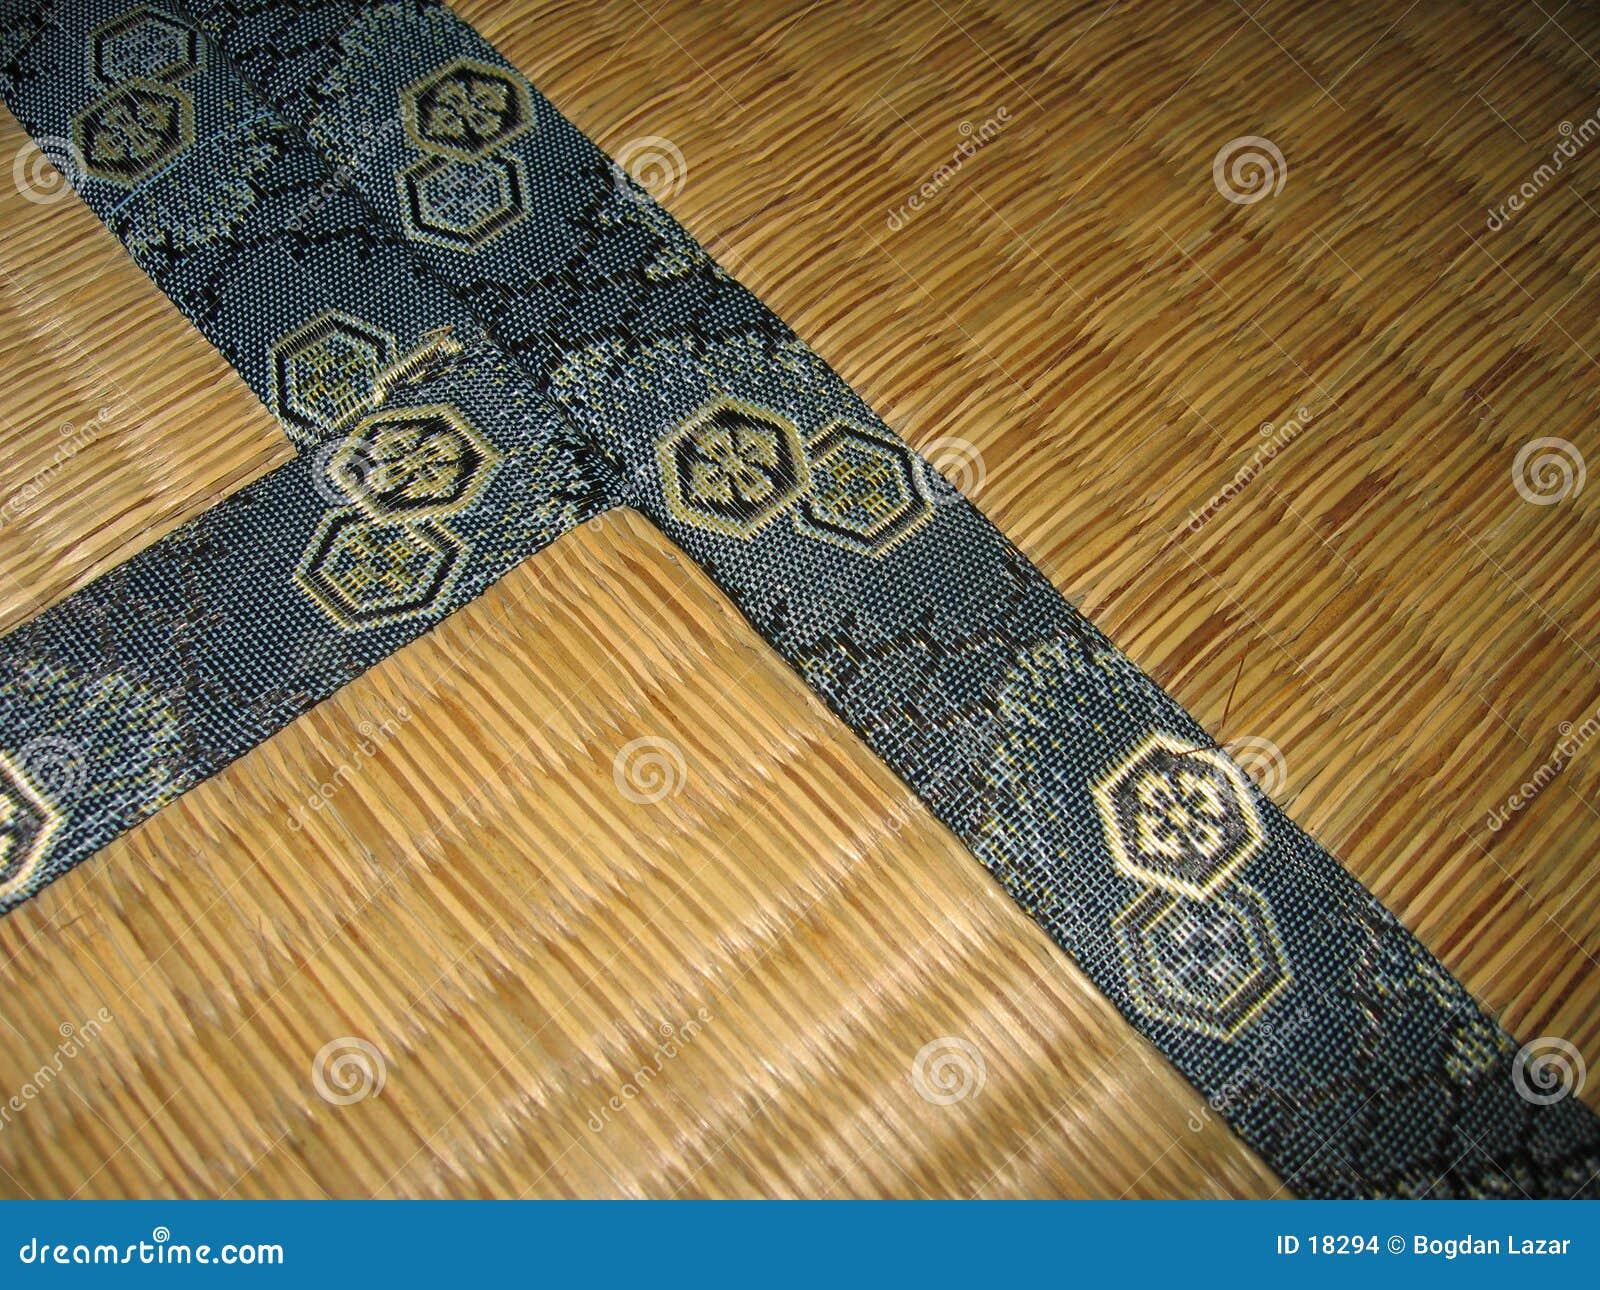 Assoalho de Tatami - detalhe